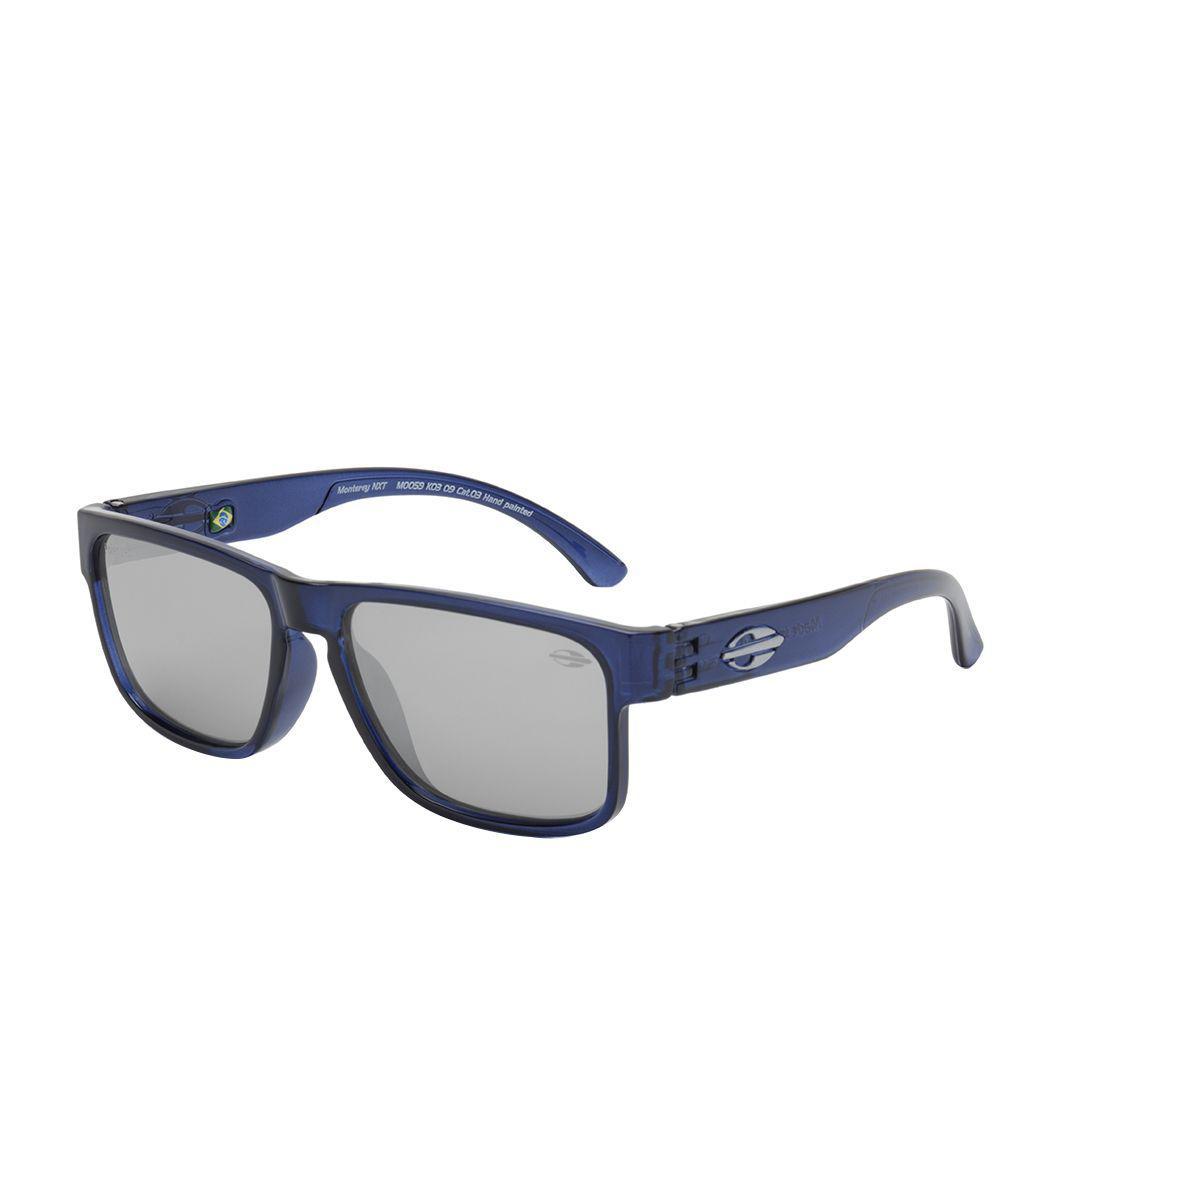 Óculos De Sol Infantil Monterey Azul Lente Espelhada Cinza Mormaii R   199,00 à vista. Adicionar à sacola 88858936fe